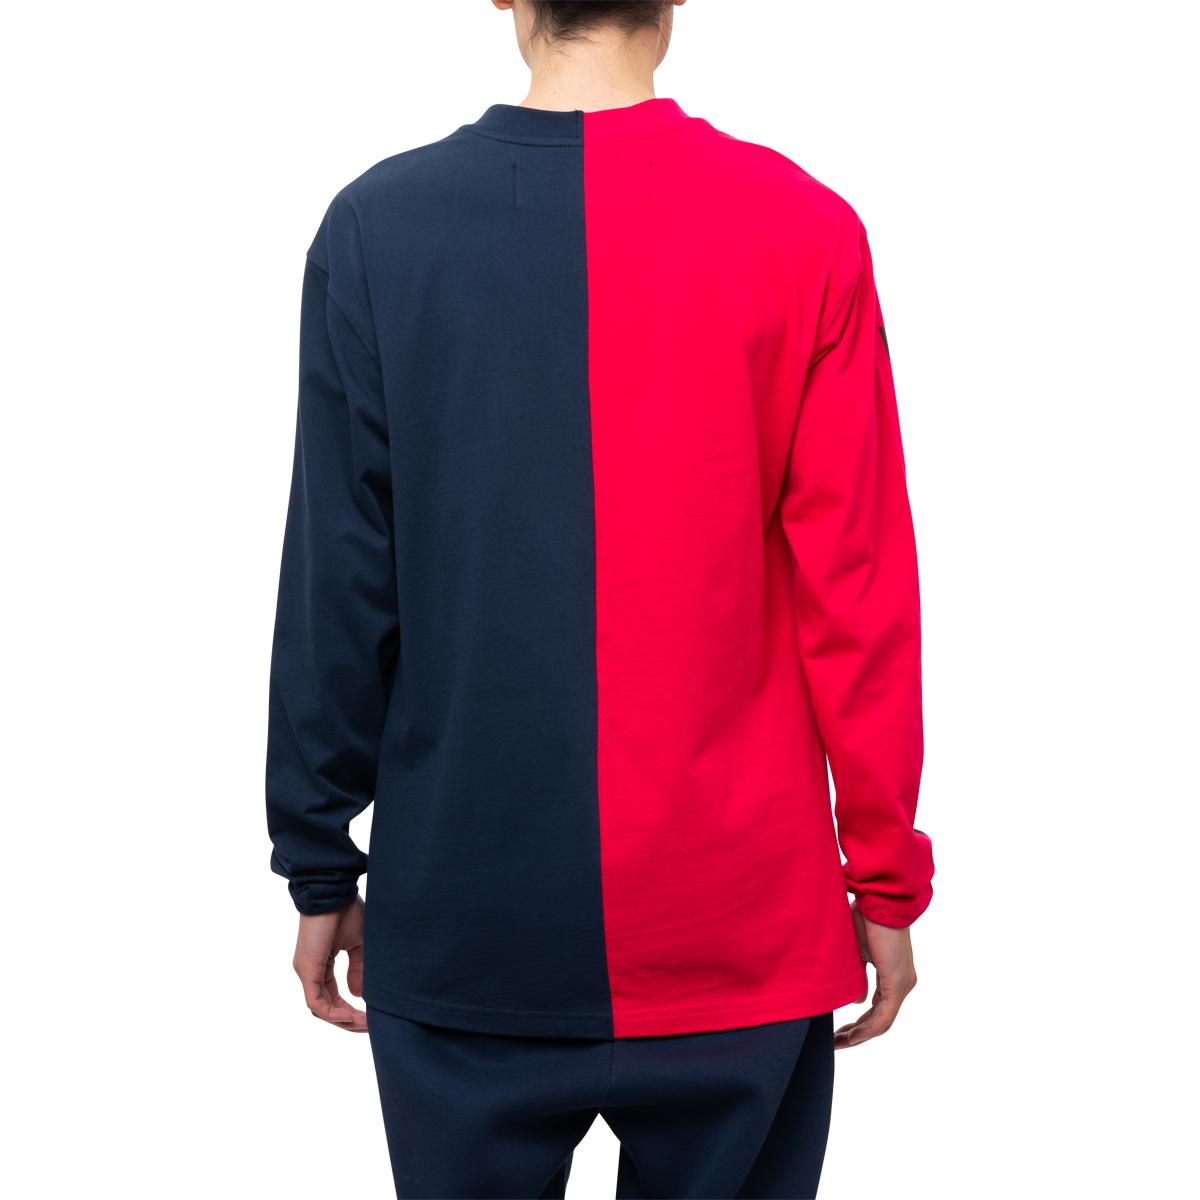 LYPH High Track T-Shirt